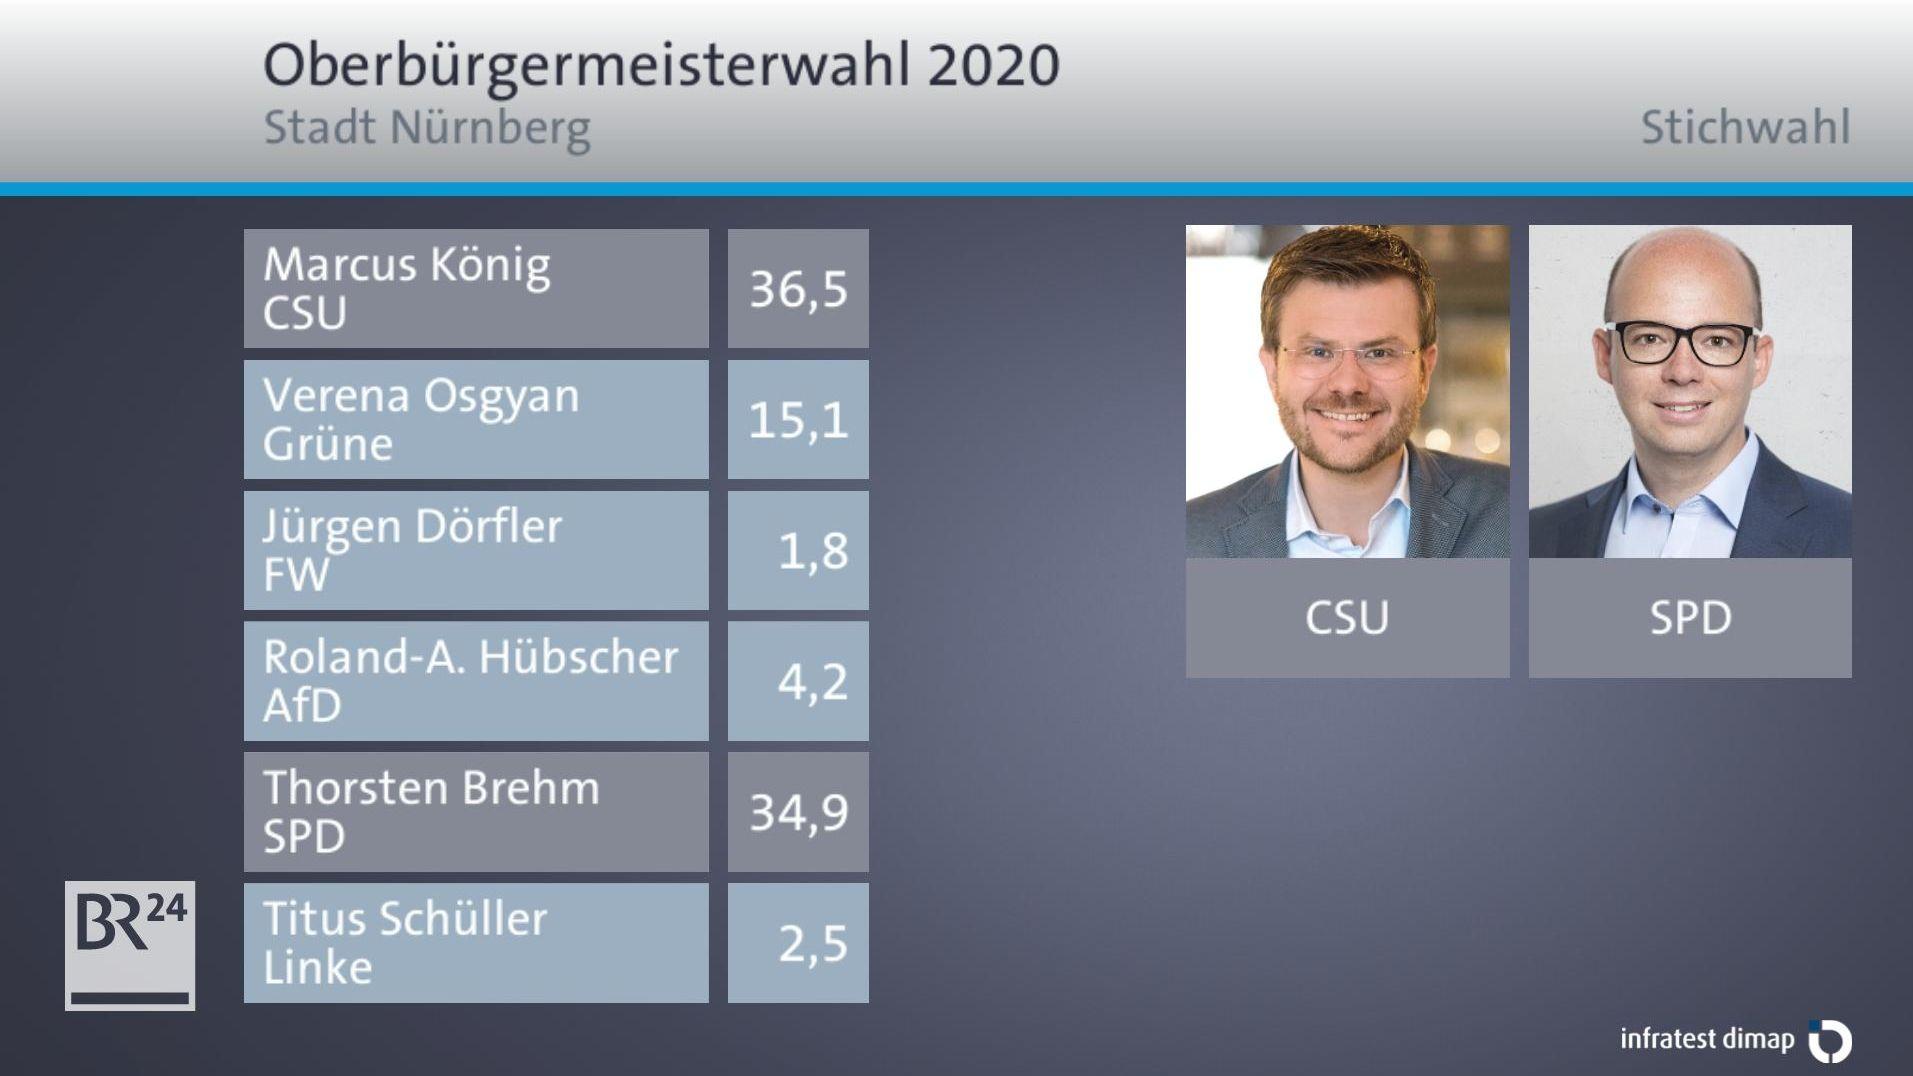 Grafik: Die Oberbürgermeisterwahl in Nürnberg